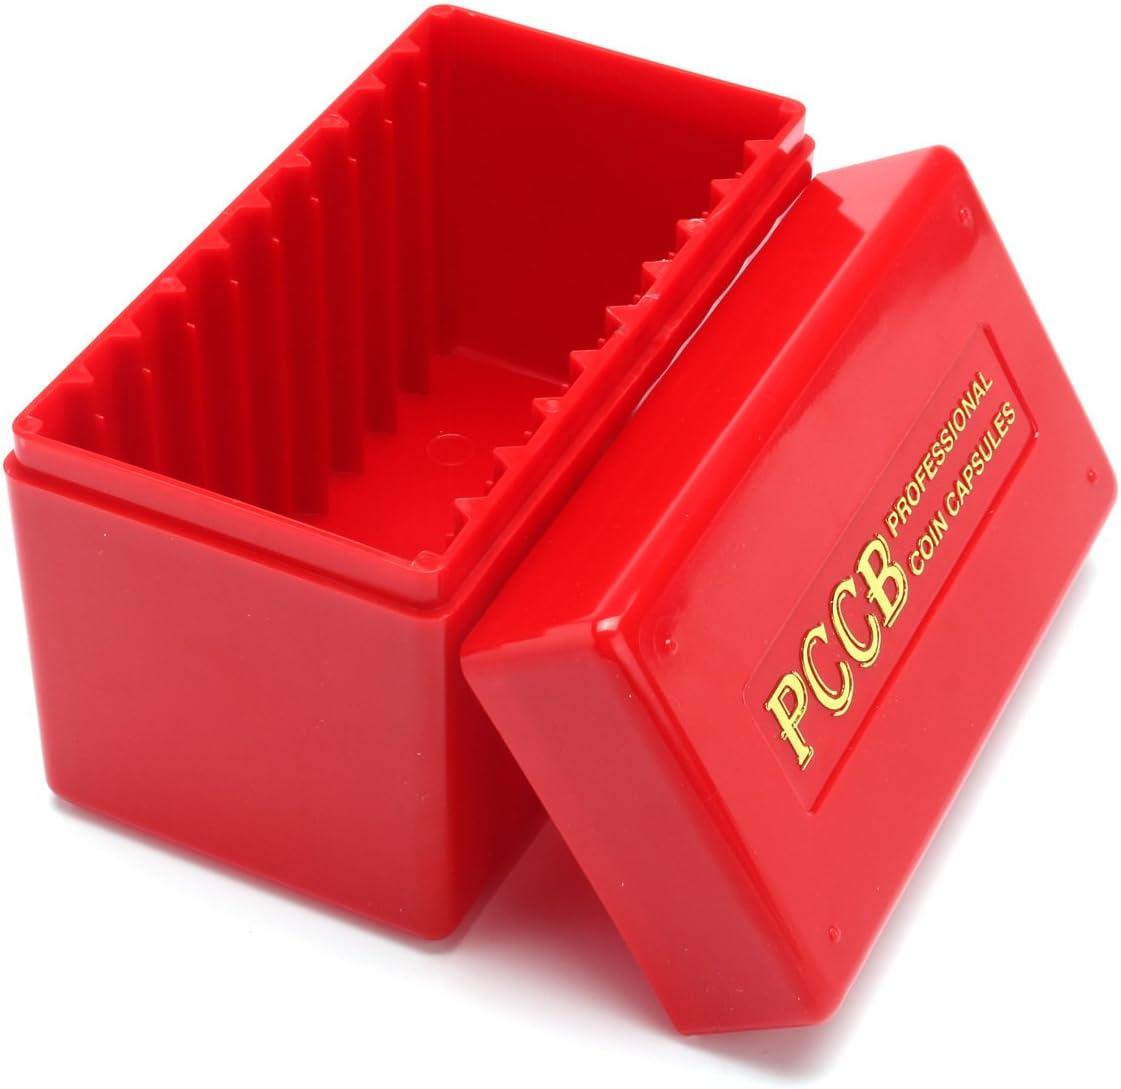 Tutoy - Caja organizadora de Monedas Rojas para 10 PCGS de Grado Certificado NGC Soporte de Monedas